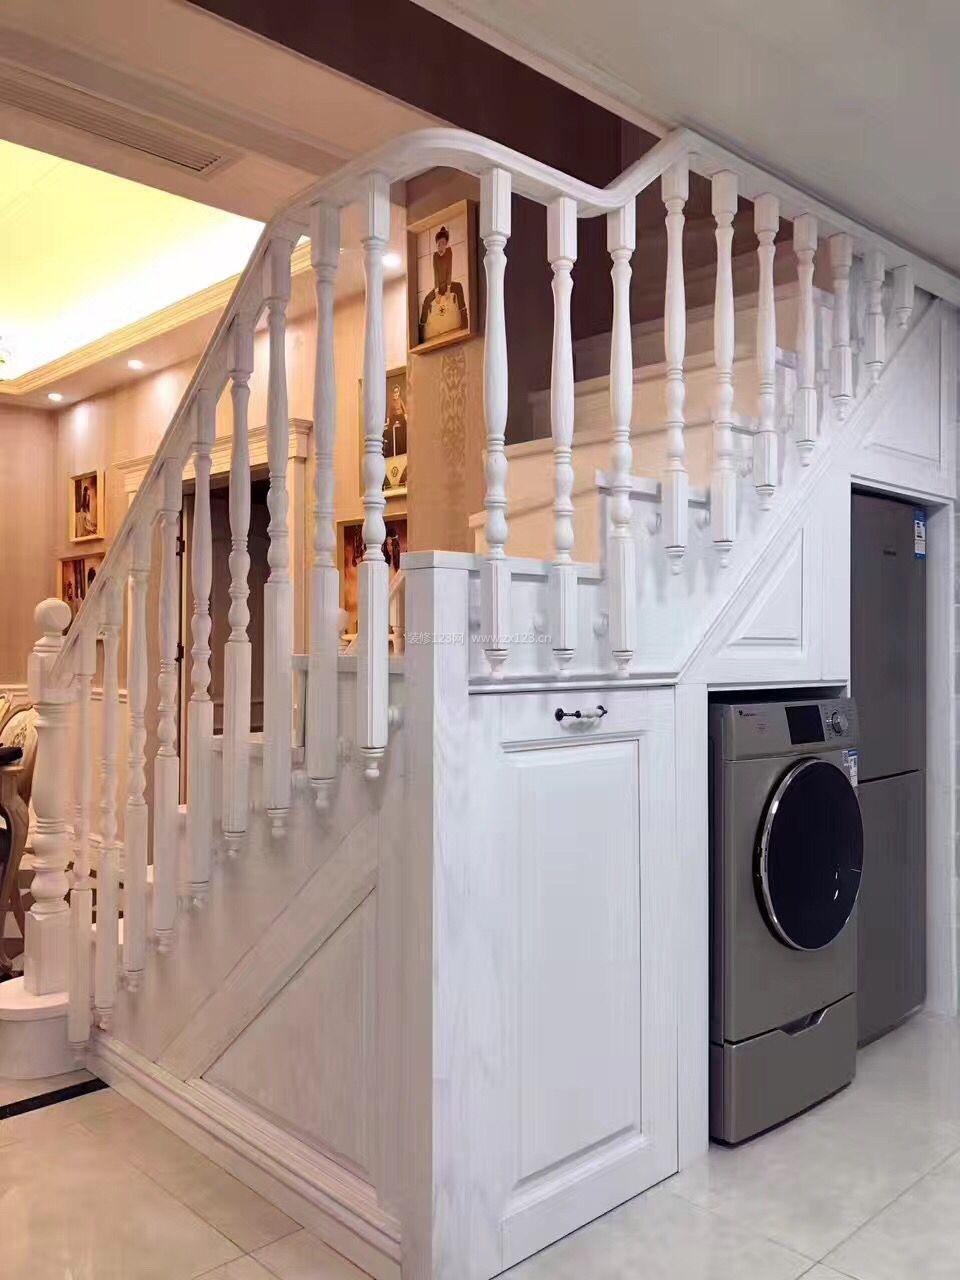 欧式楼梯仓库复式室内风格装修设计效果图_装地下室做别墅别墅图片